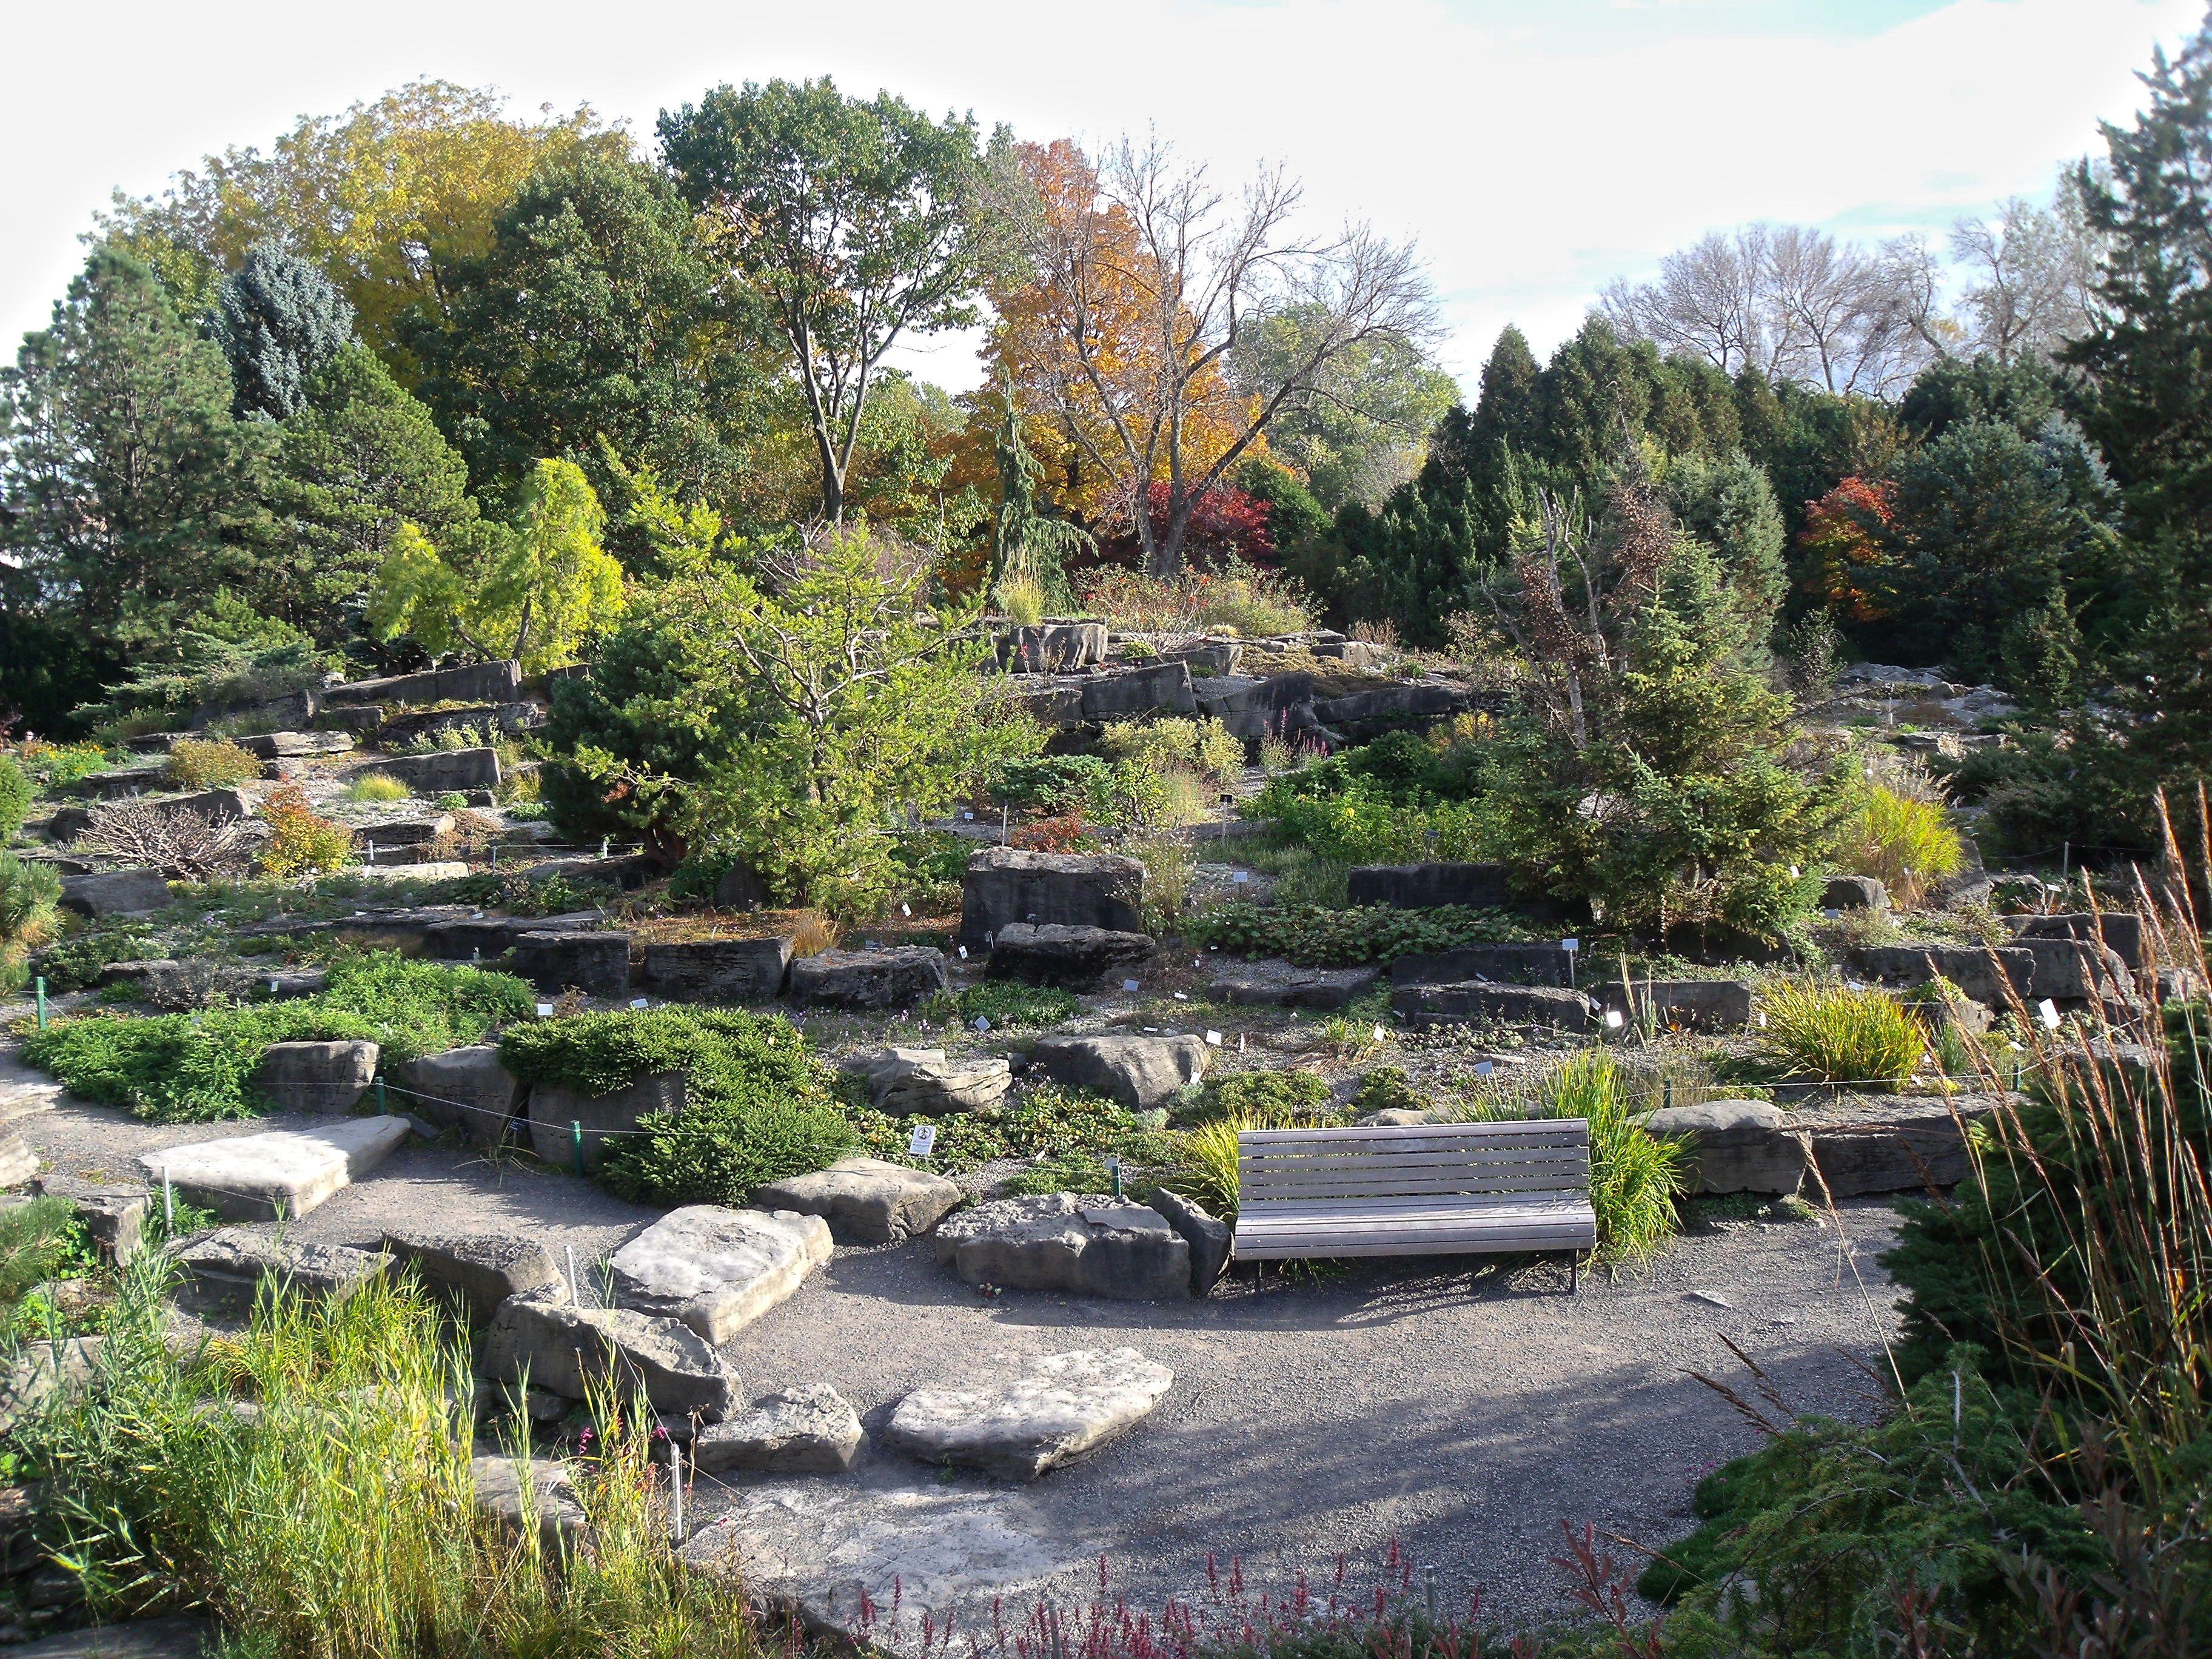 file alpine garden montreal botanical garden. Black Bedroom Furniture Sets. Home Design Ideas